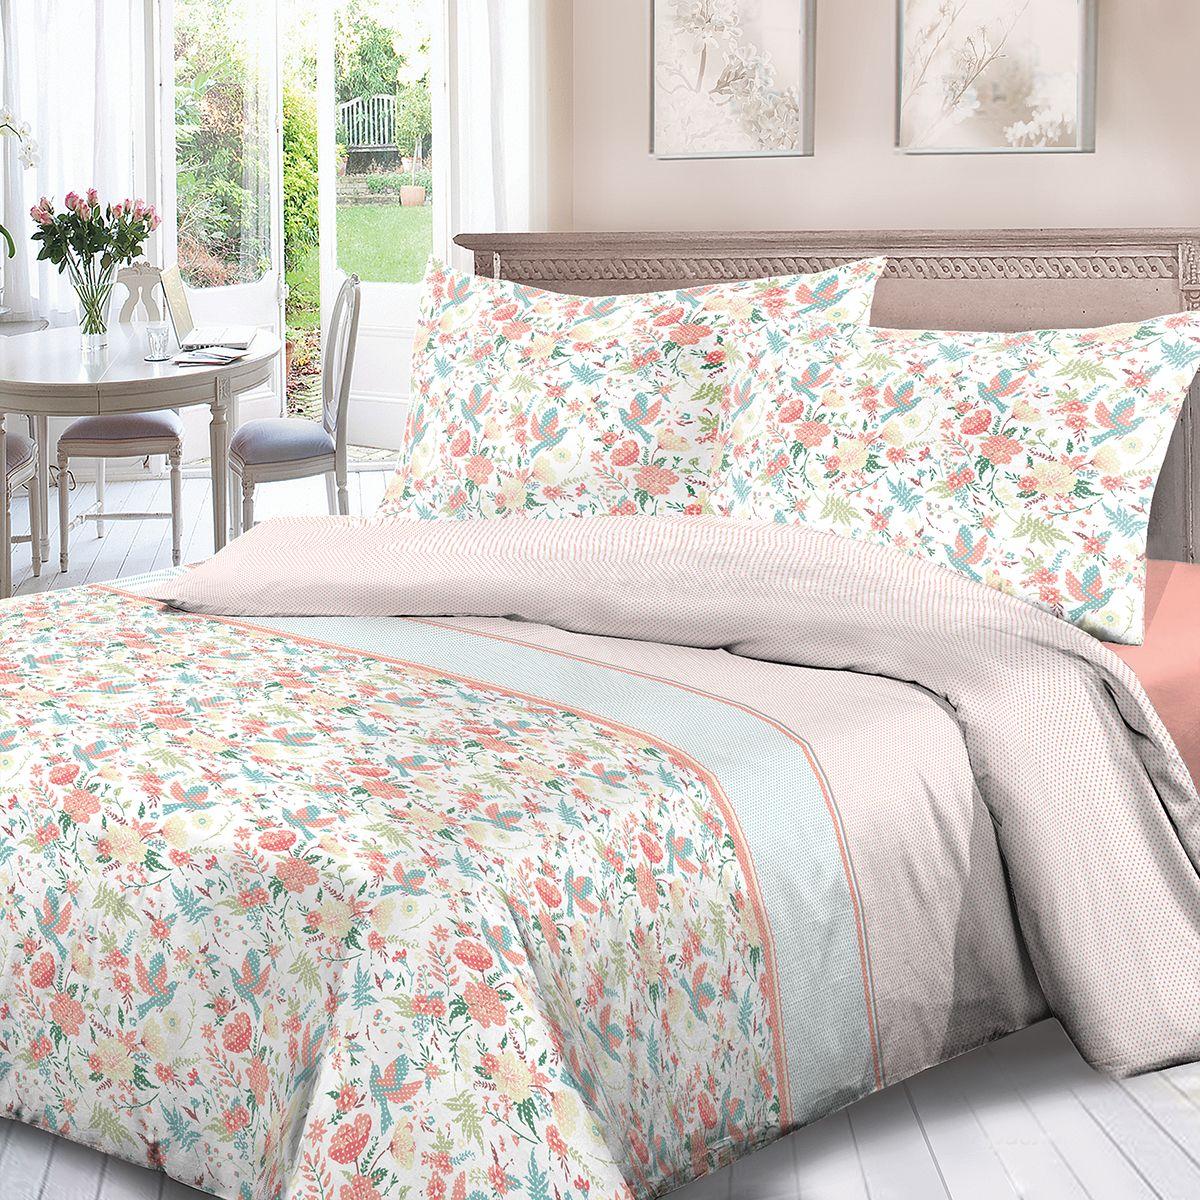 Комплект белья Для Снов Ариэль, 1,5 спальное, наволочки 70x70, цвет: персиковый. 4128-190146